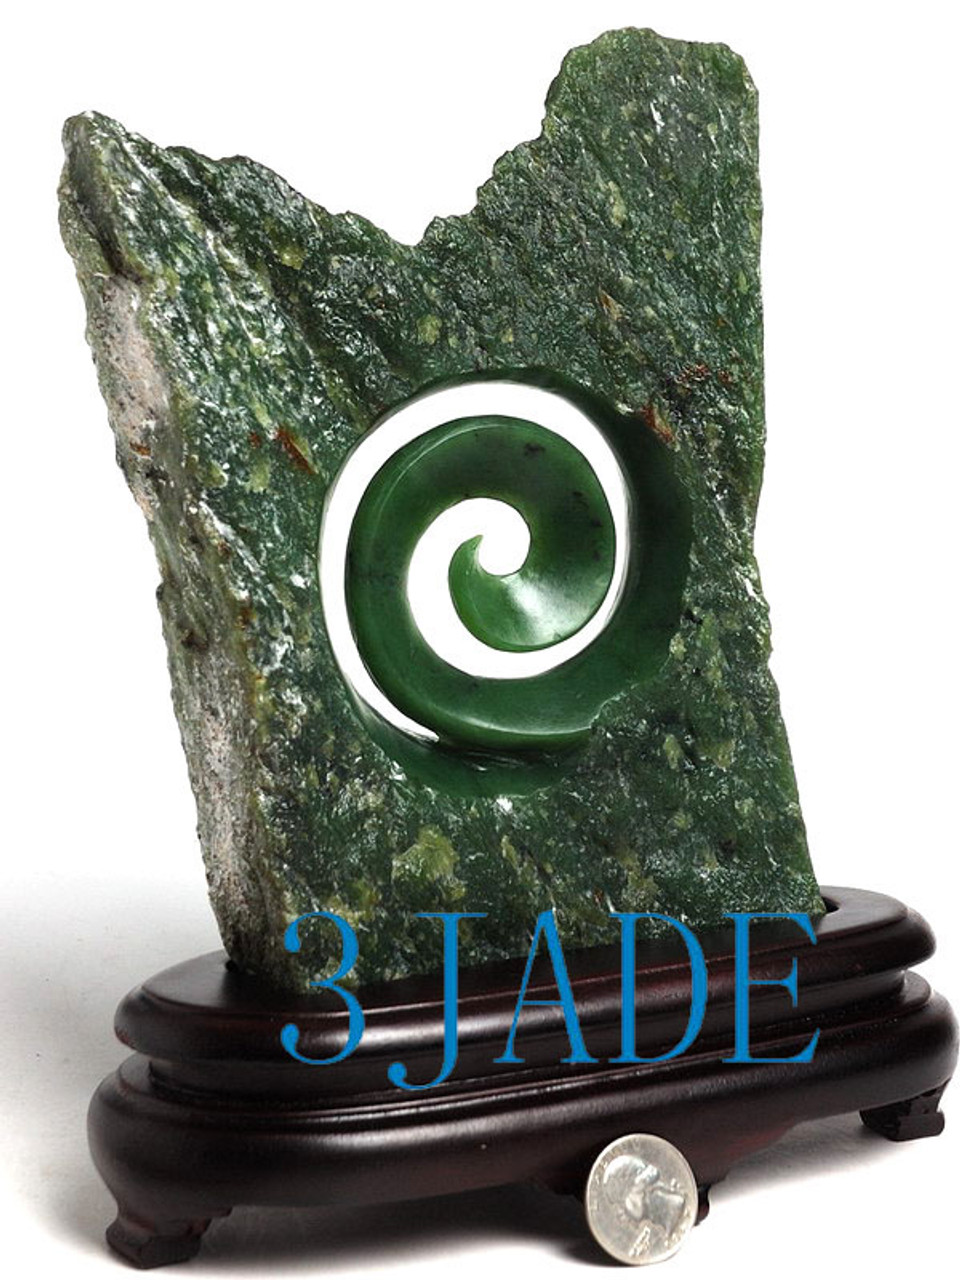 c59a27de0df1b Natural Green Nephrite Jade Koru Sculpture New Zealand Maori Style Carving  / Art -J026080